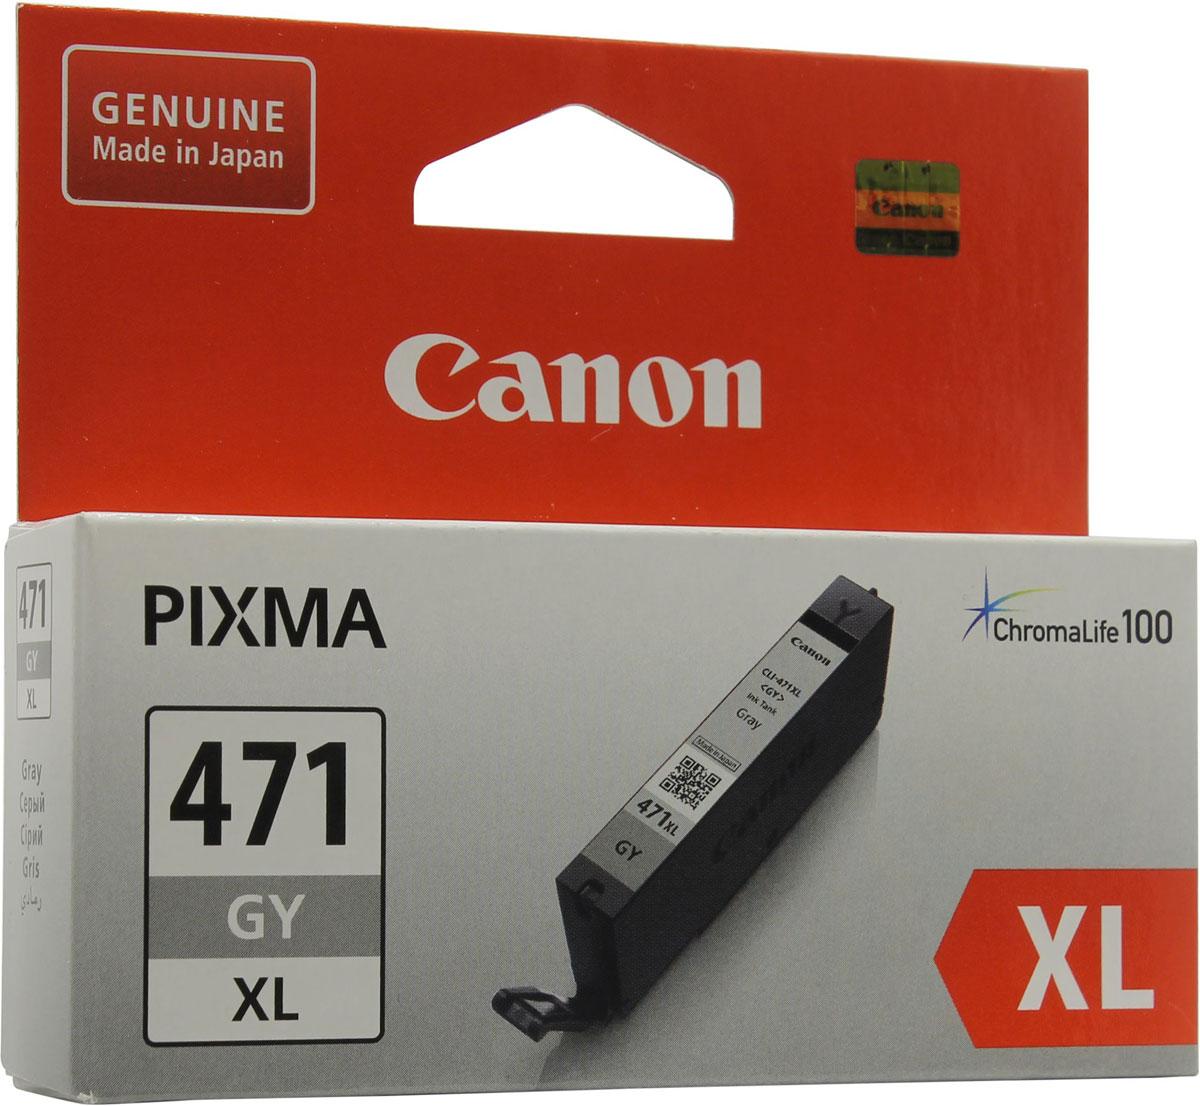 Canon CLI-471XL, Grey картридж для Pixma MG7740/TS8040/TS90400350C001Картридж Canon CLI-471XL содержит серые чернила на основе красителей, которые используются для печати документов на обычной бумаге и обеспечивают четкость текста и долговечность печатных изображений. Благодаря технологии эффективного использования чернил, этот картридж будет долго работать в вашем принтере.